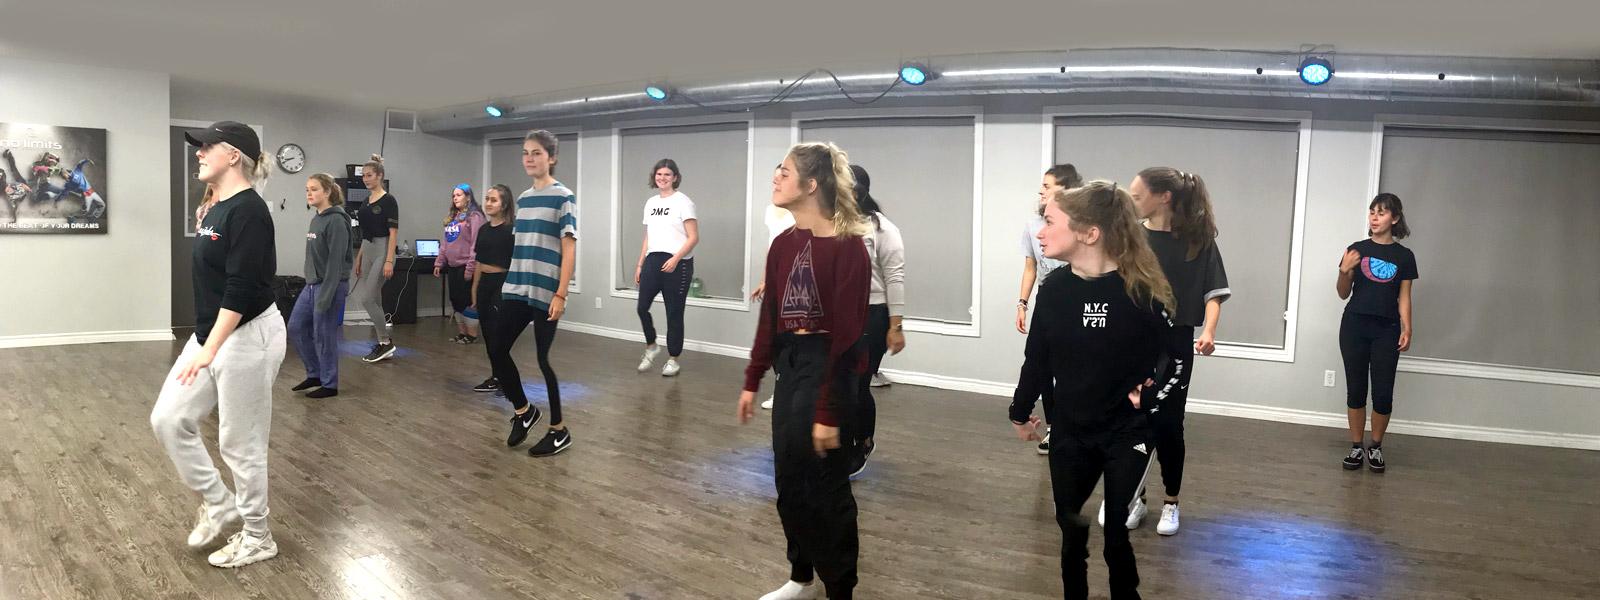 Dance program at No Limits Youth, Belleville, Quinte